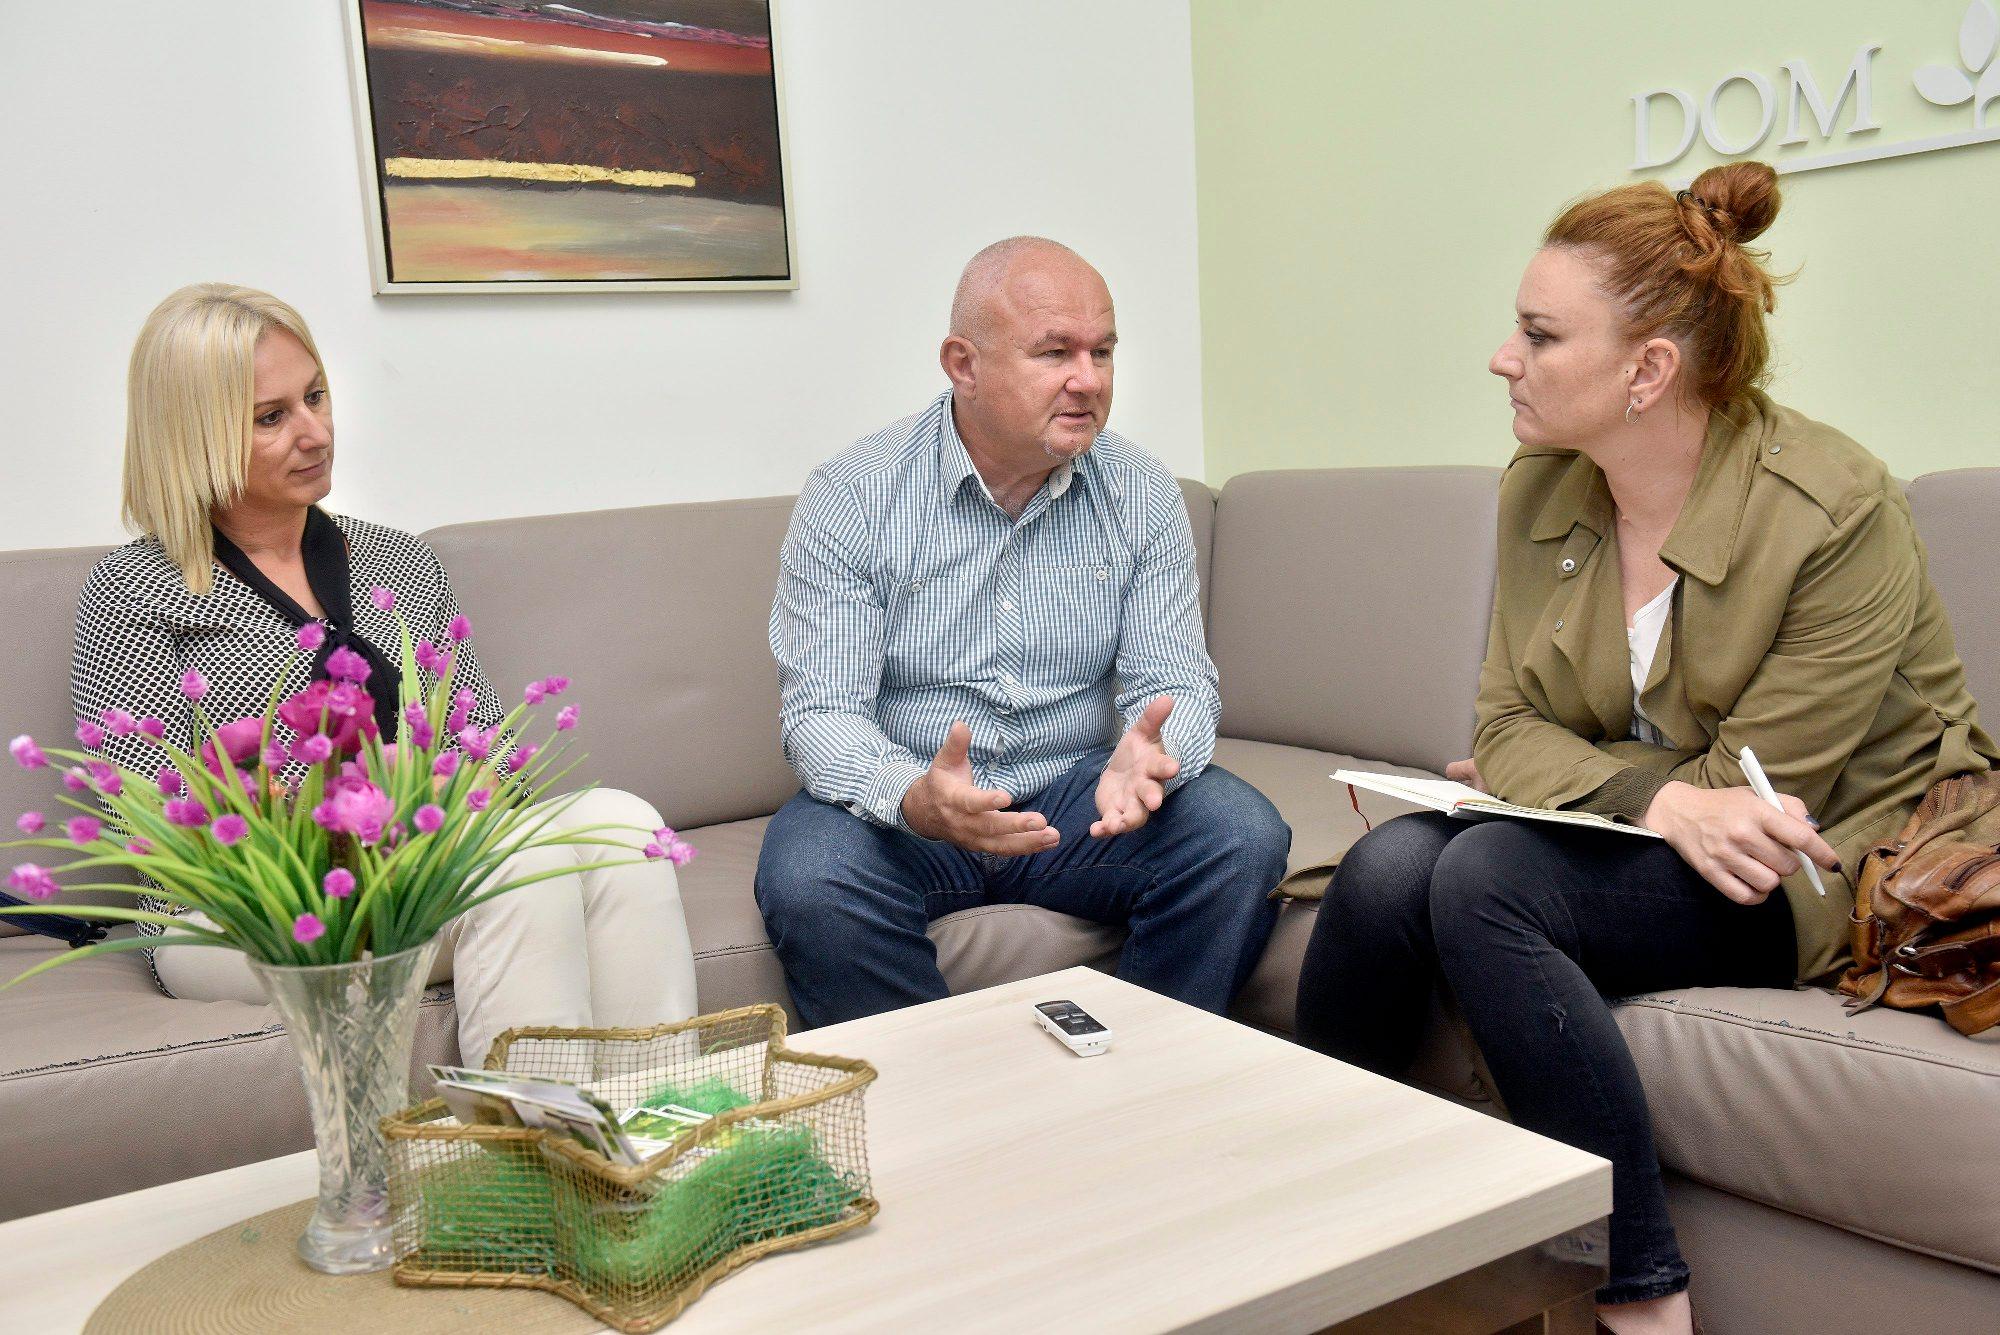 Zoran i Gordana Severović, vlasnici doma za umirovljenike Severović, u razgovoru s novinarkom Jasminom Trstenjak